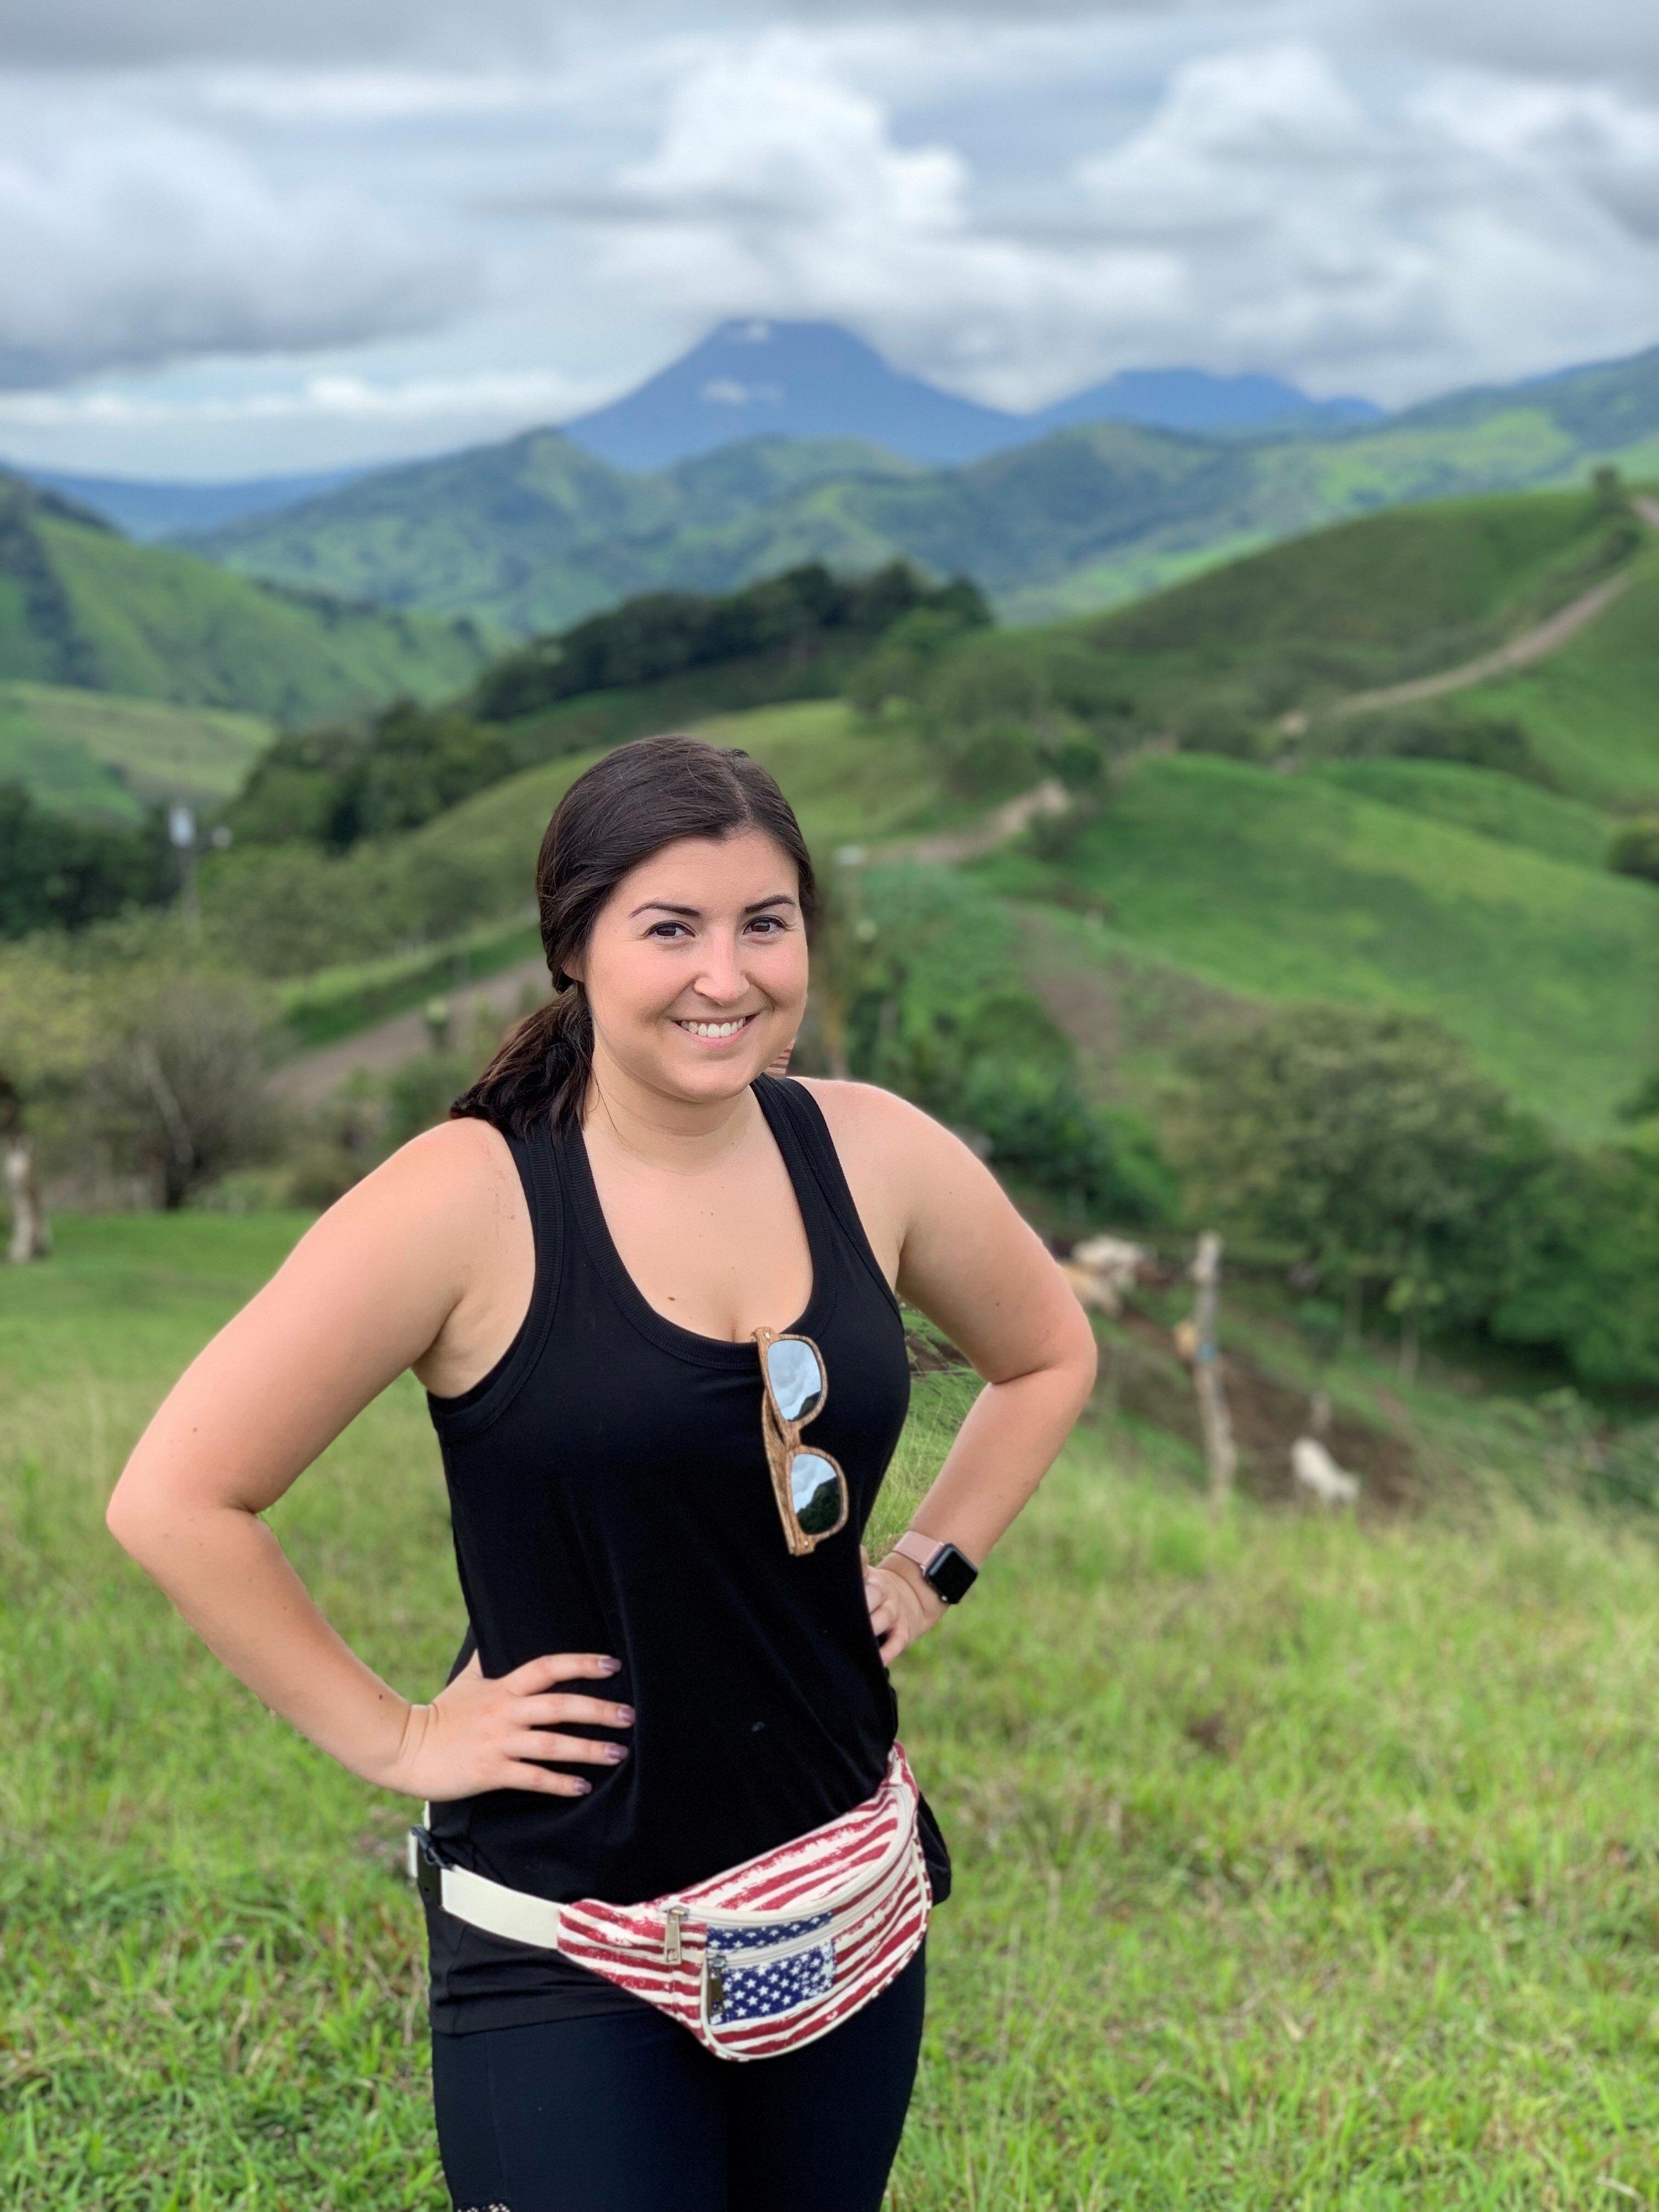 Taylar Costa Rica-Hilltop.jpg